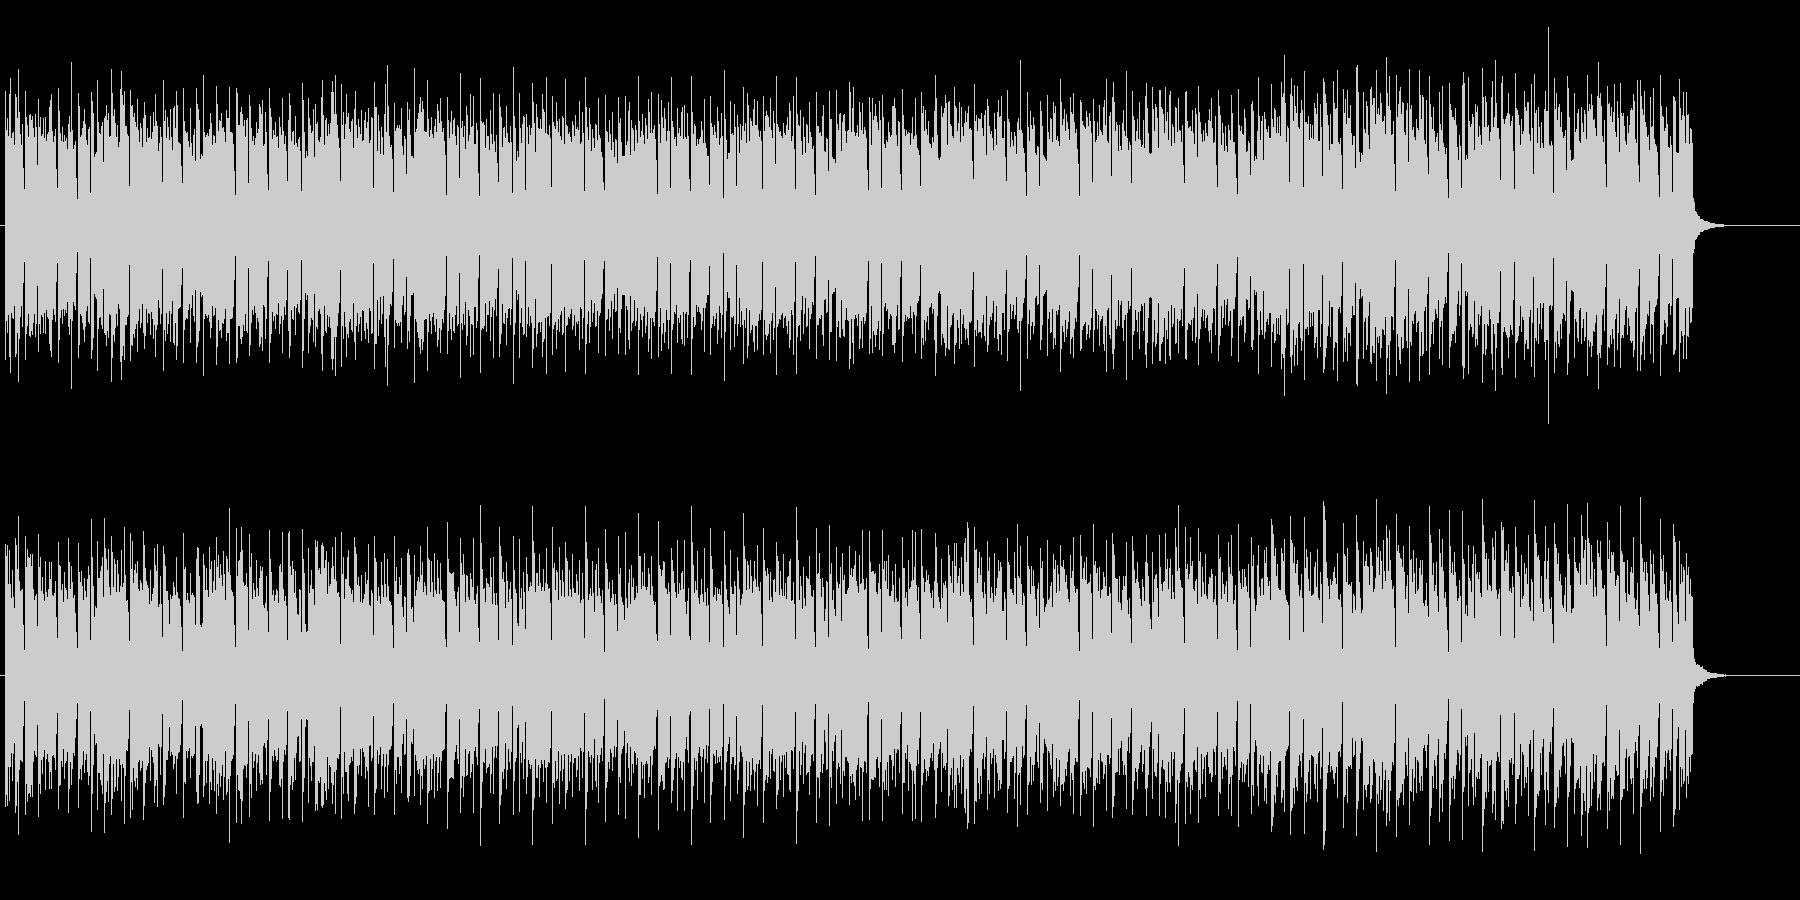 セクシーなエレクトロHipHopの未再生の波形